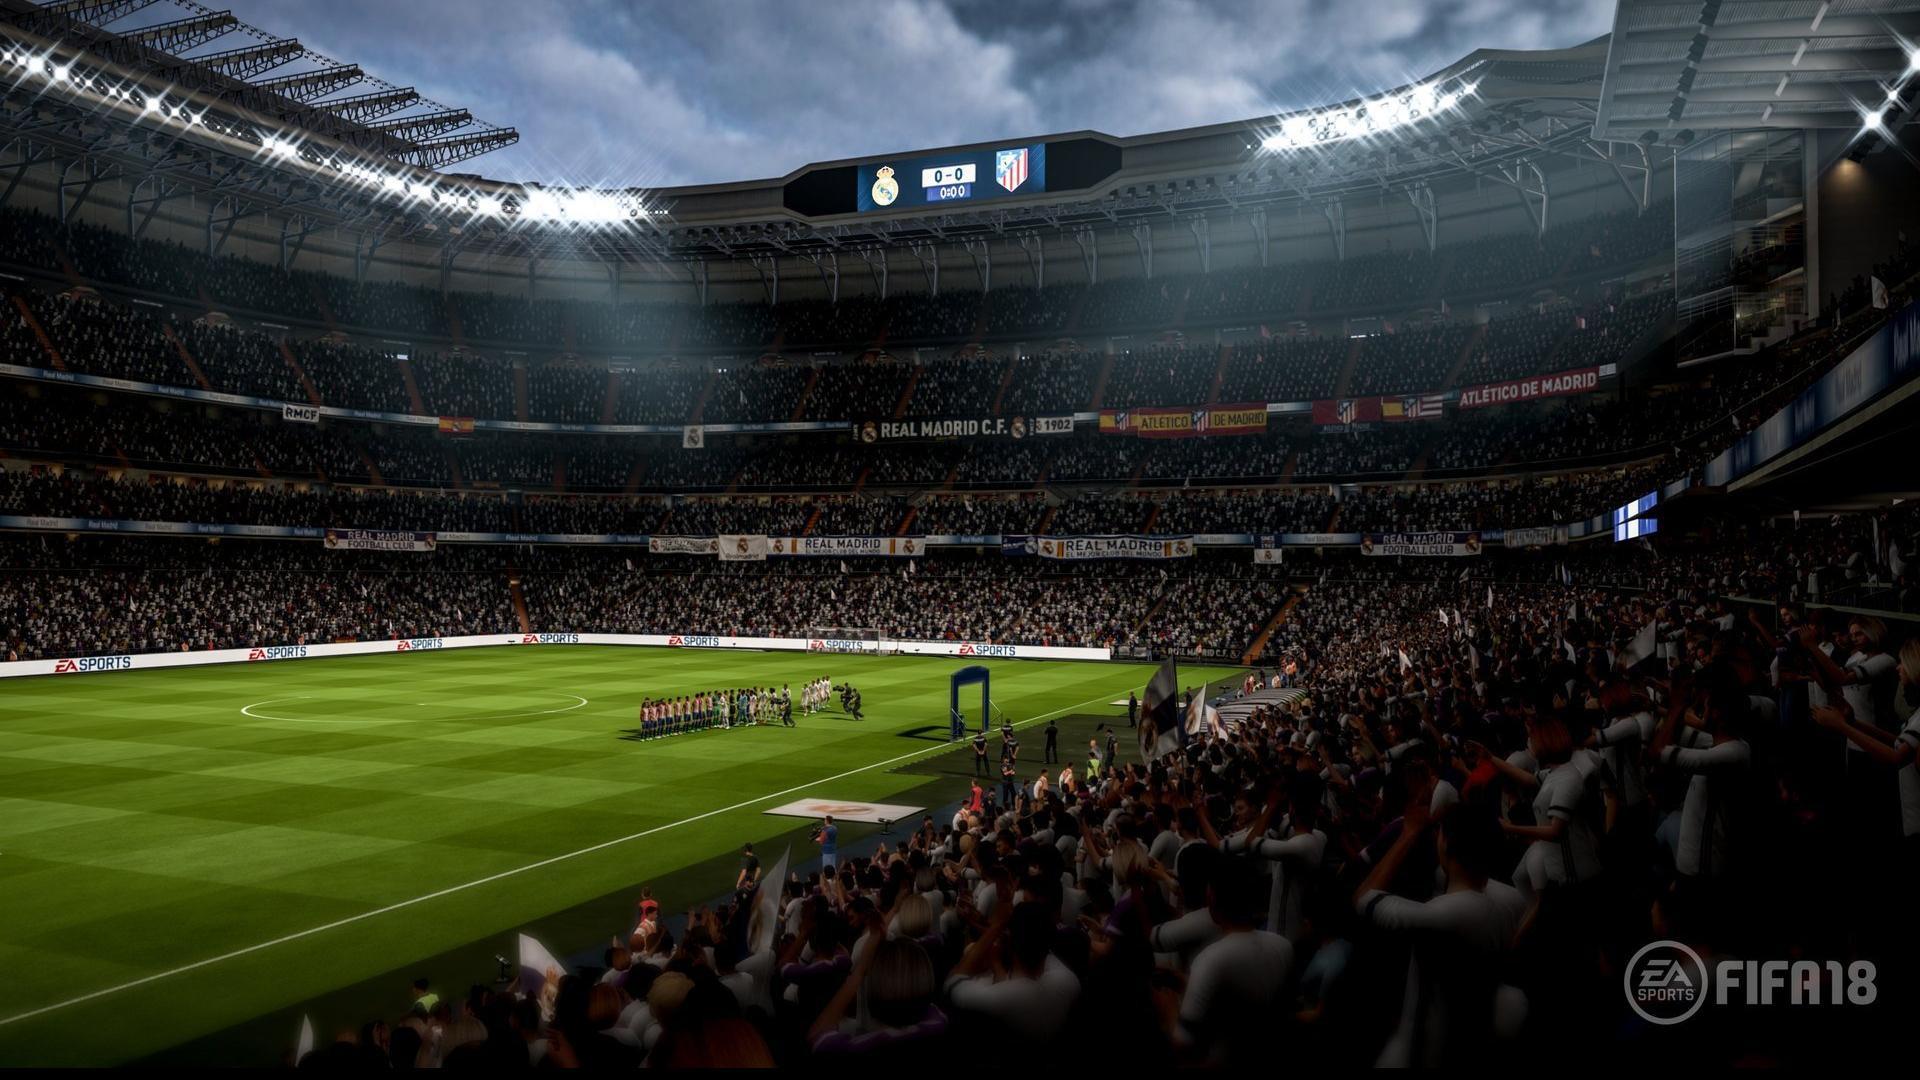 Опубликованы системные требования FIFA 18